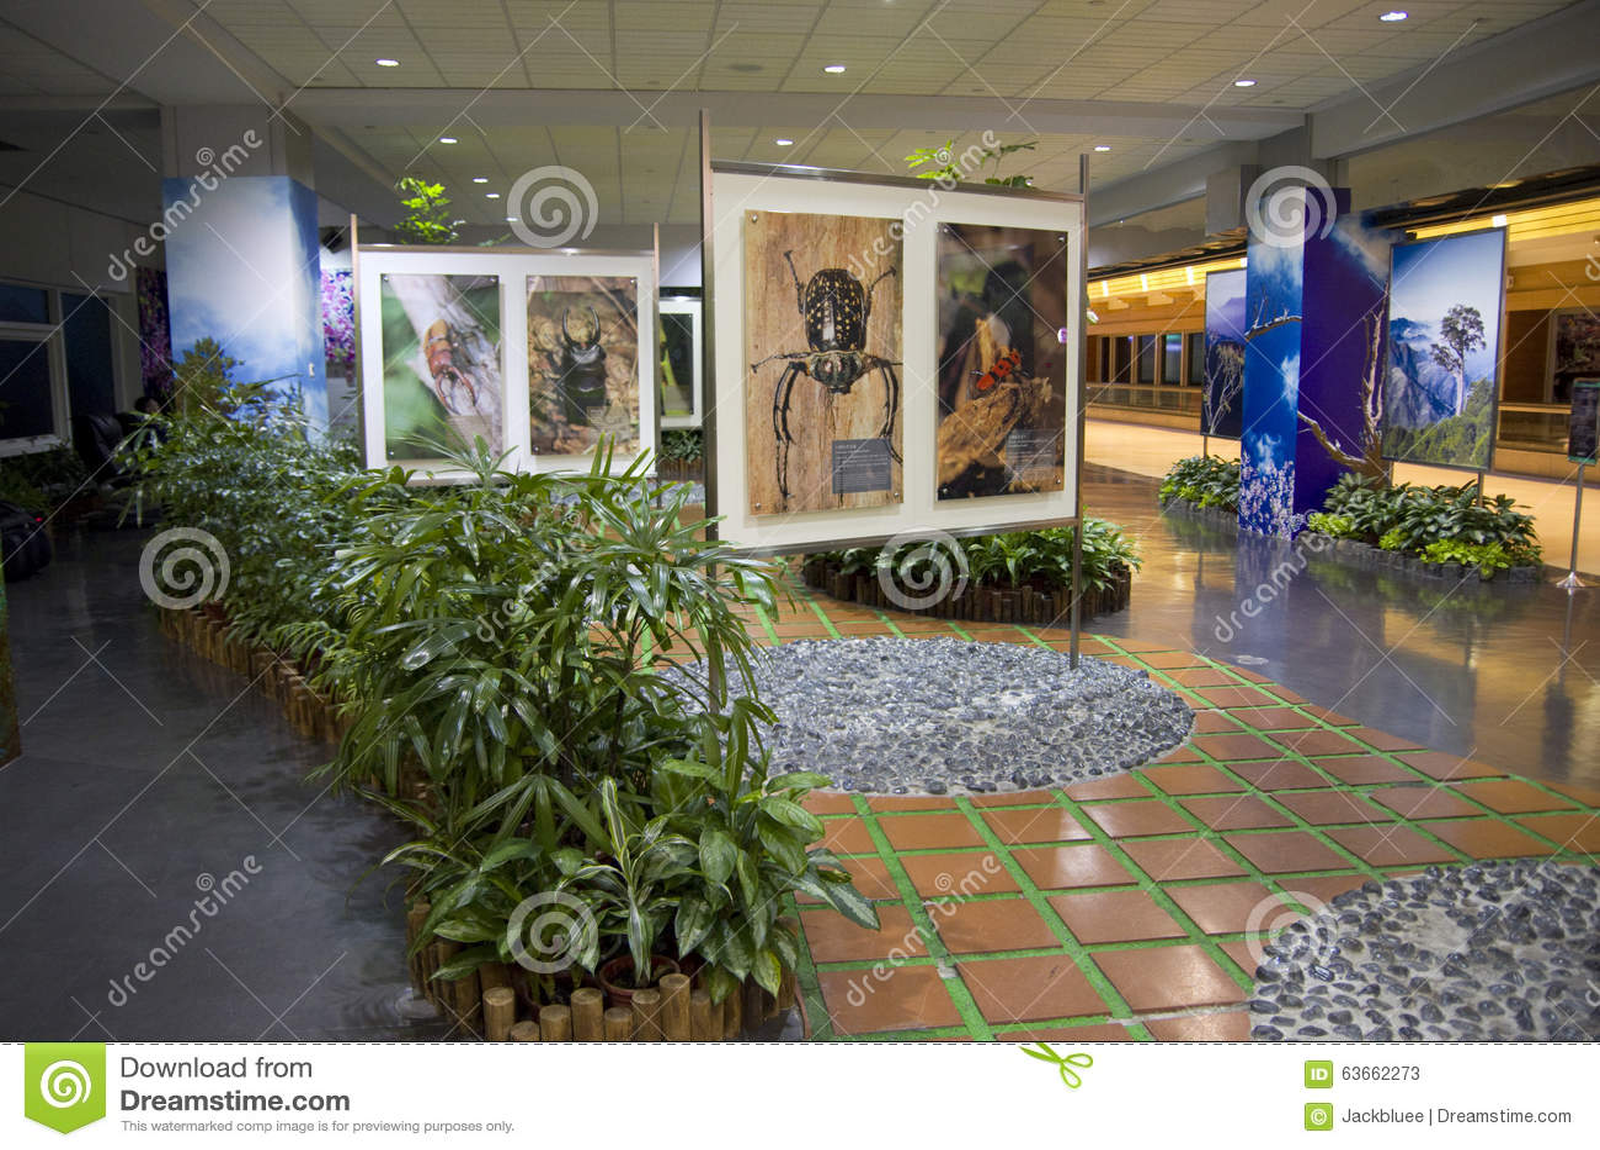 Idee di interior design giardino della sala di attesa for Idee di layout di garage